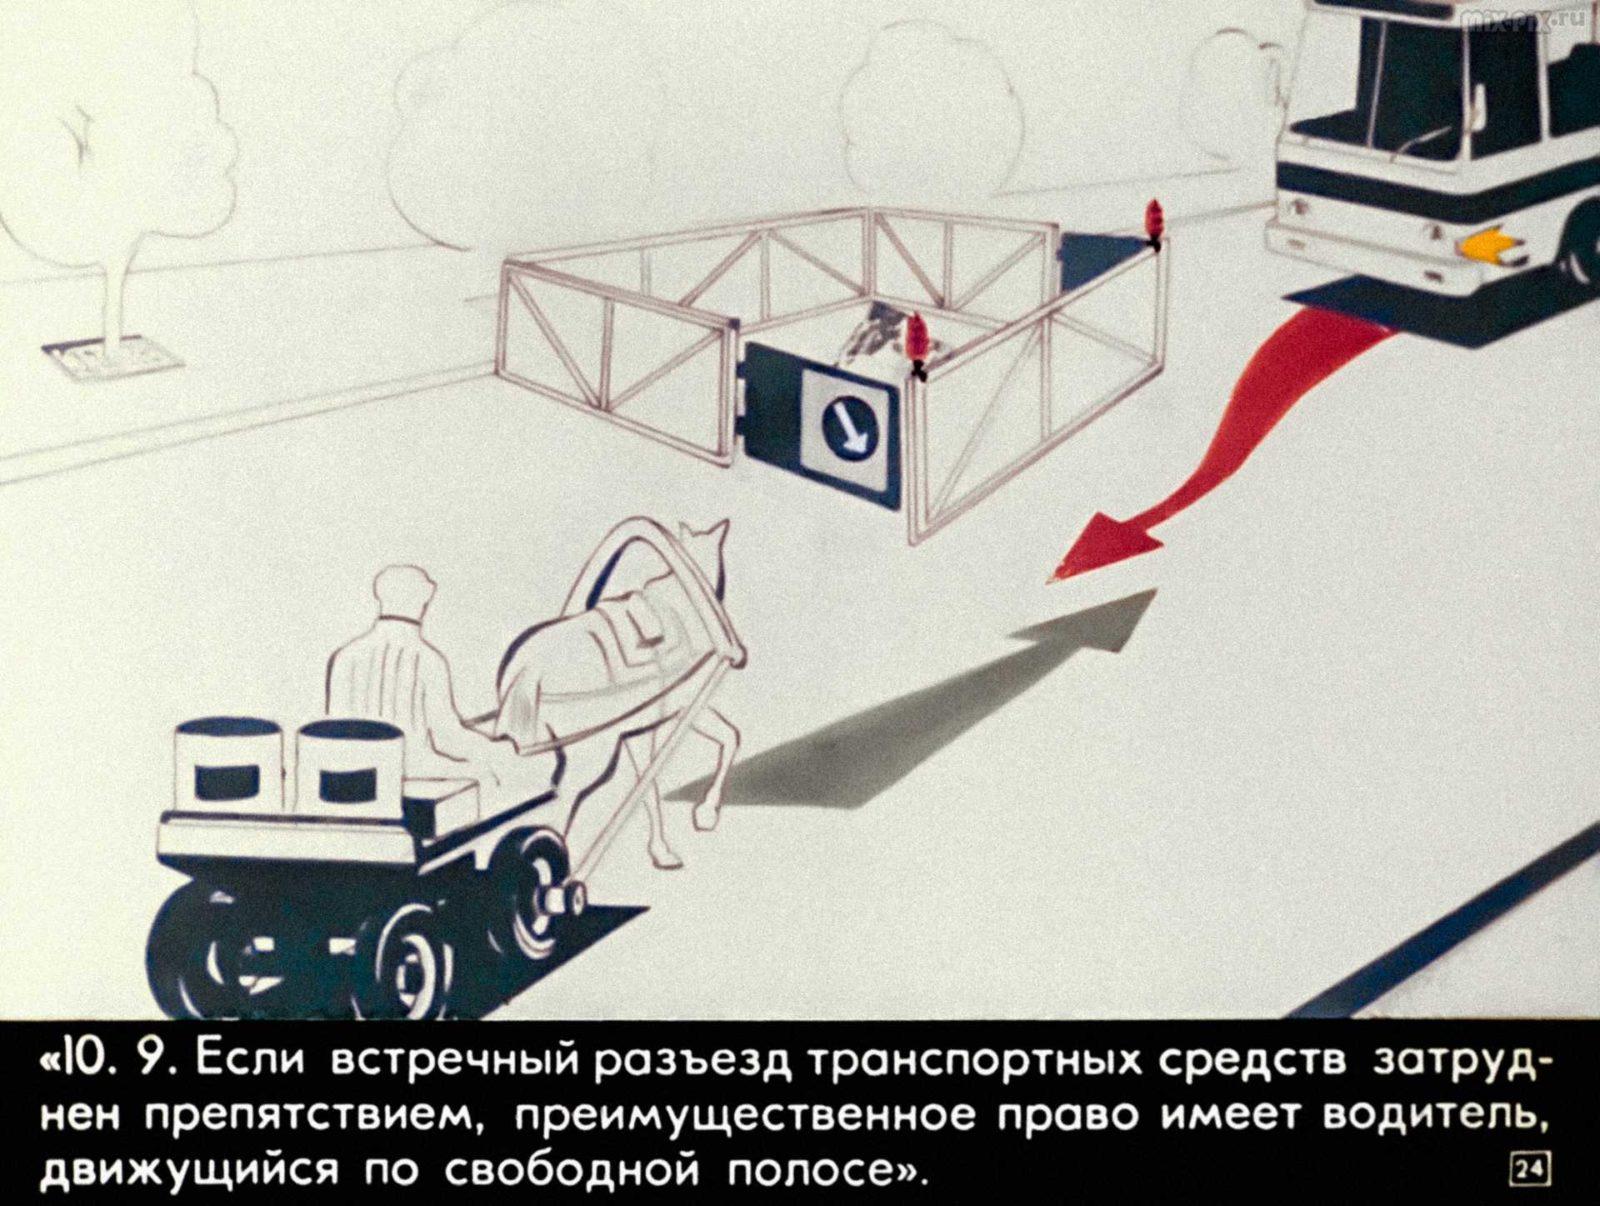 Правила дорожного движения. Расположение транспортных средств на проезжей части. Начало движения. Маневрирование (1983) 42